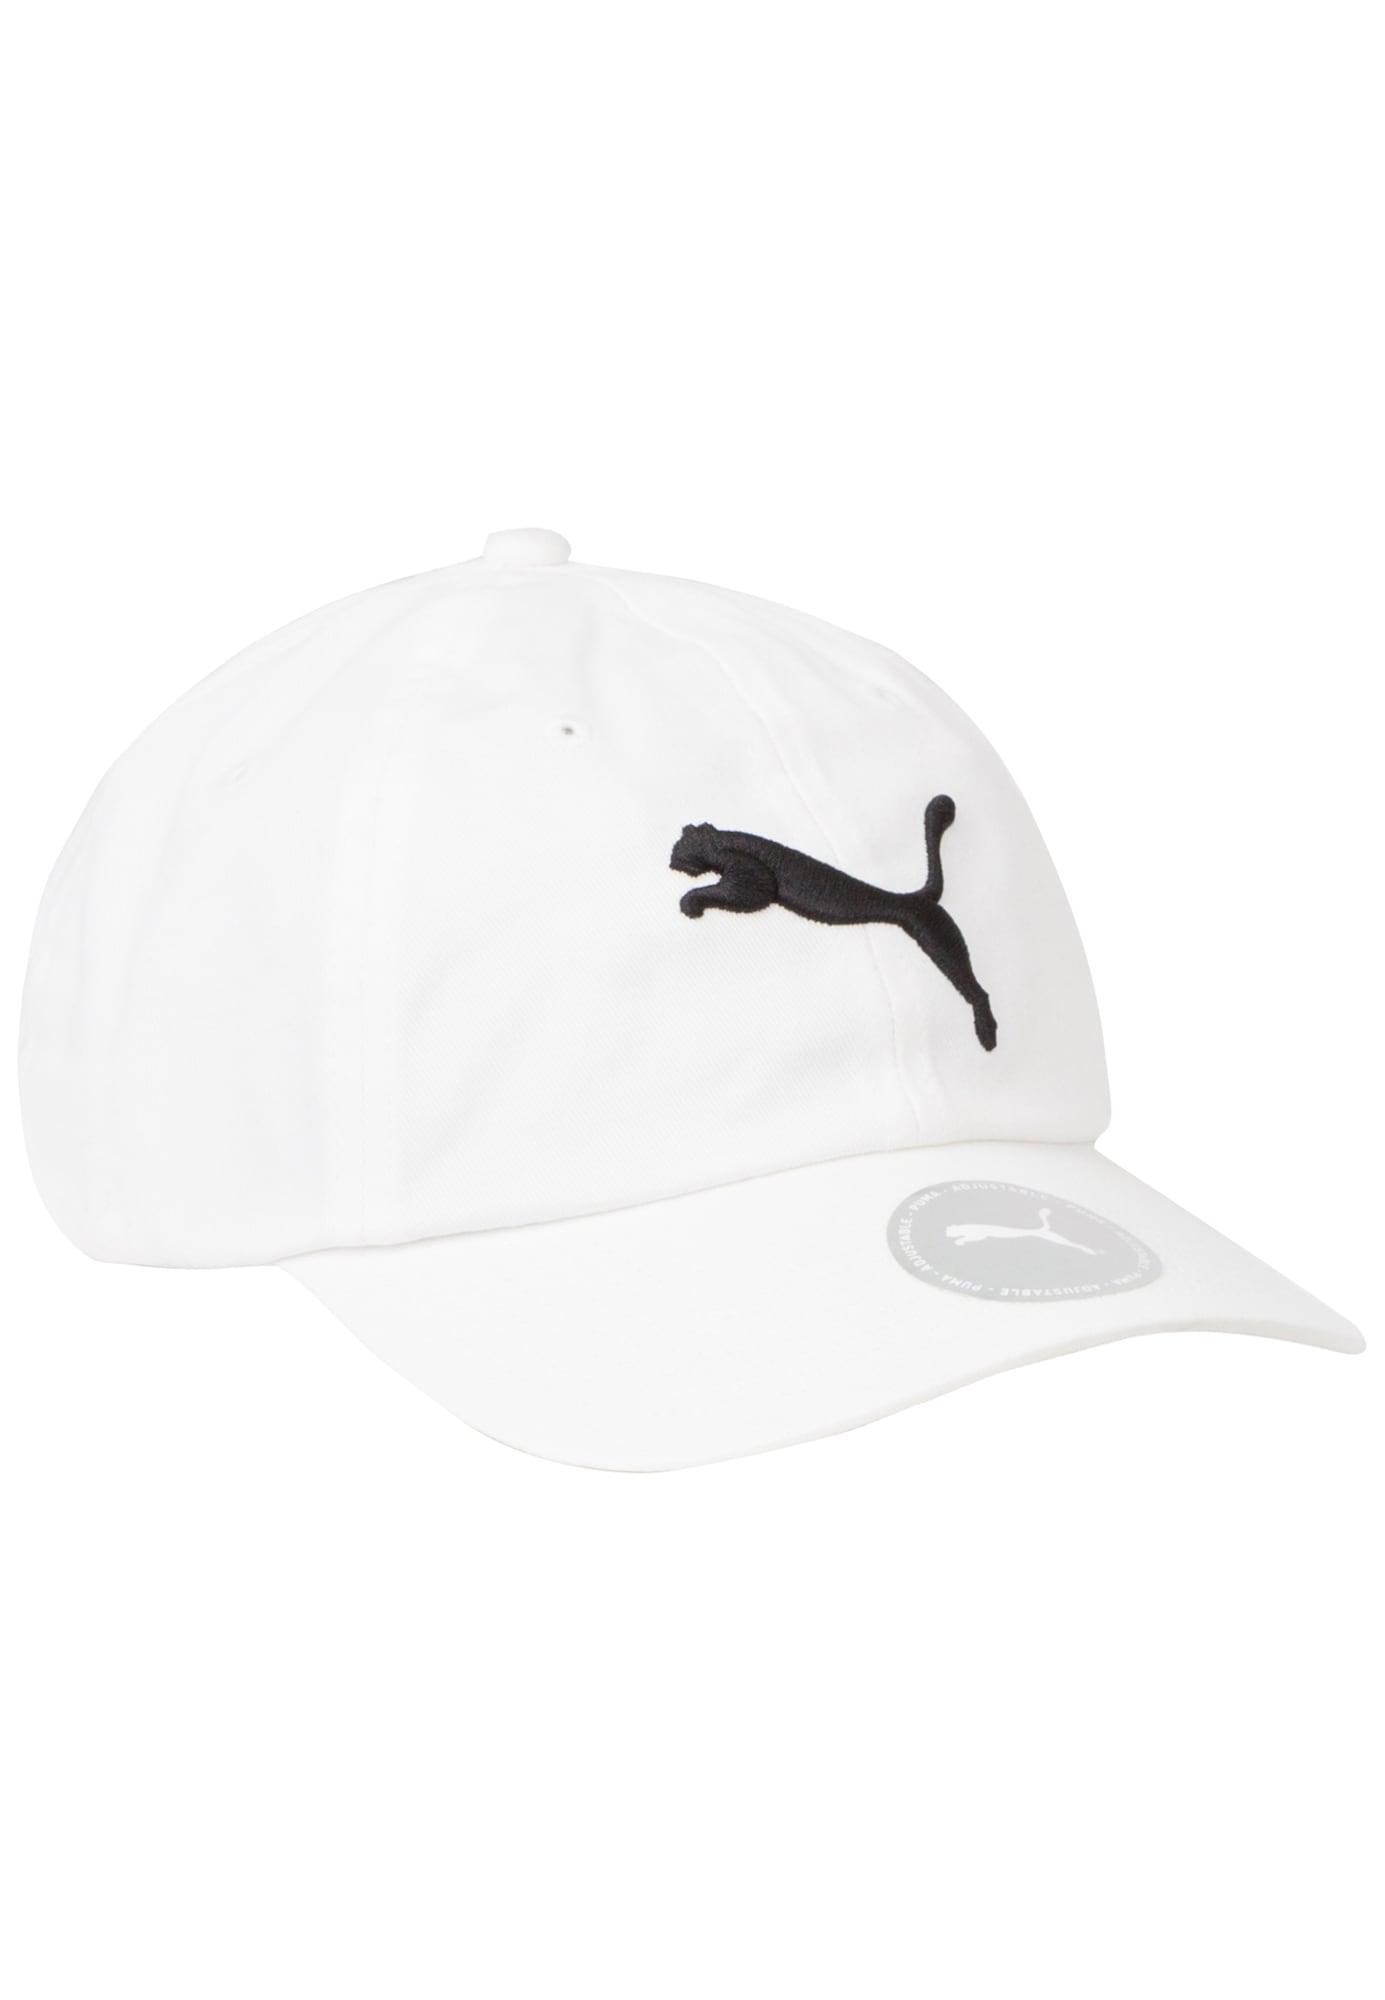 PUMA Skrybėlaitė balta / juoda